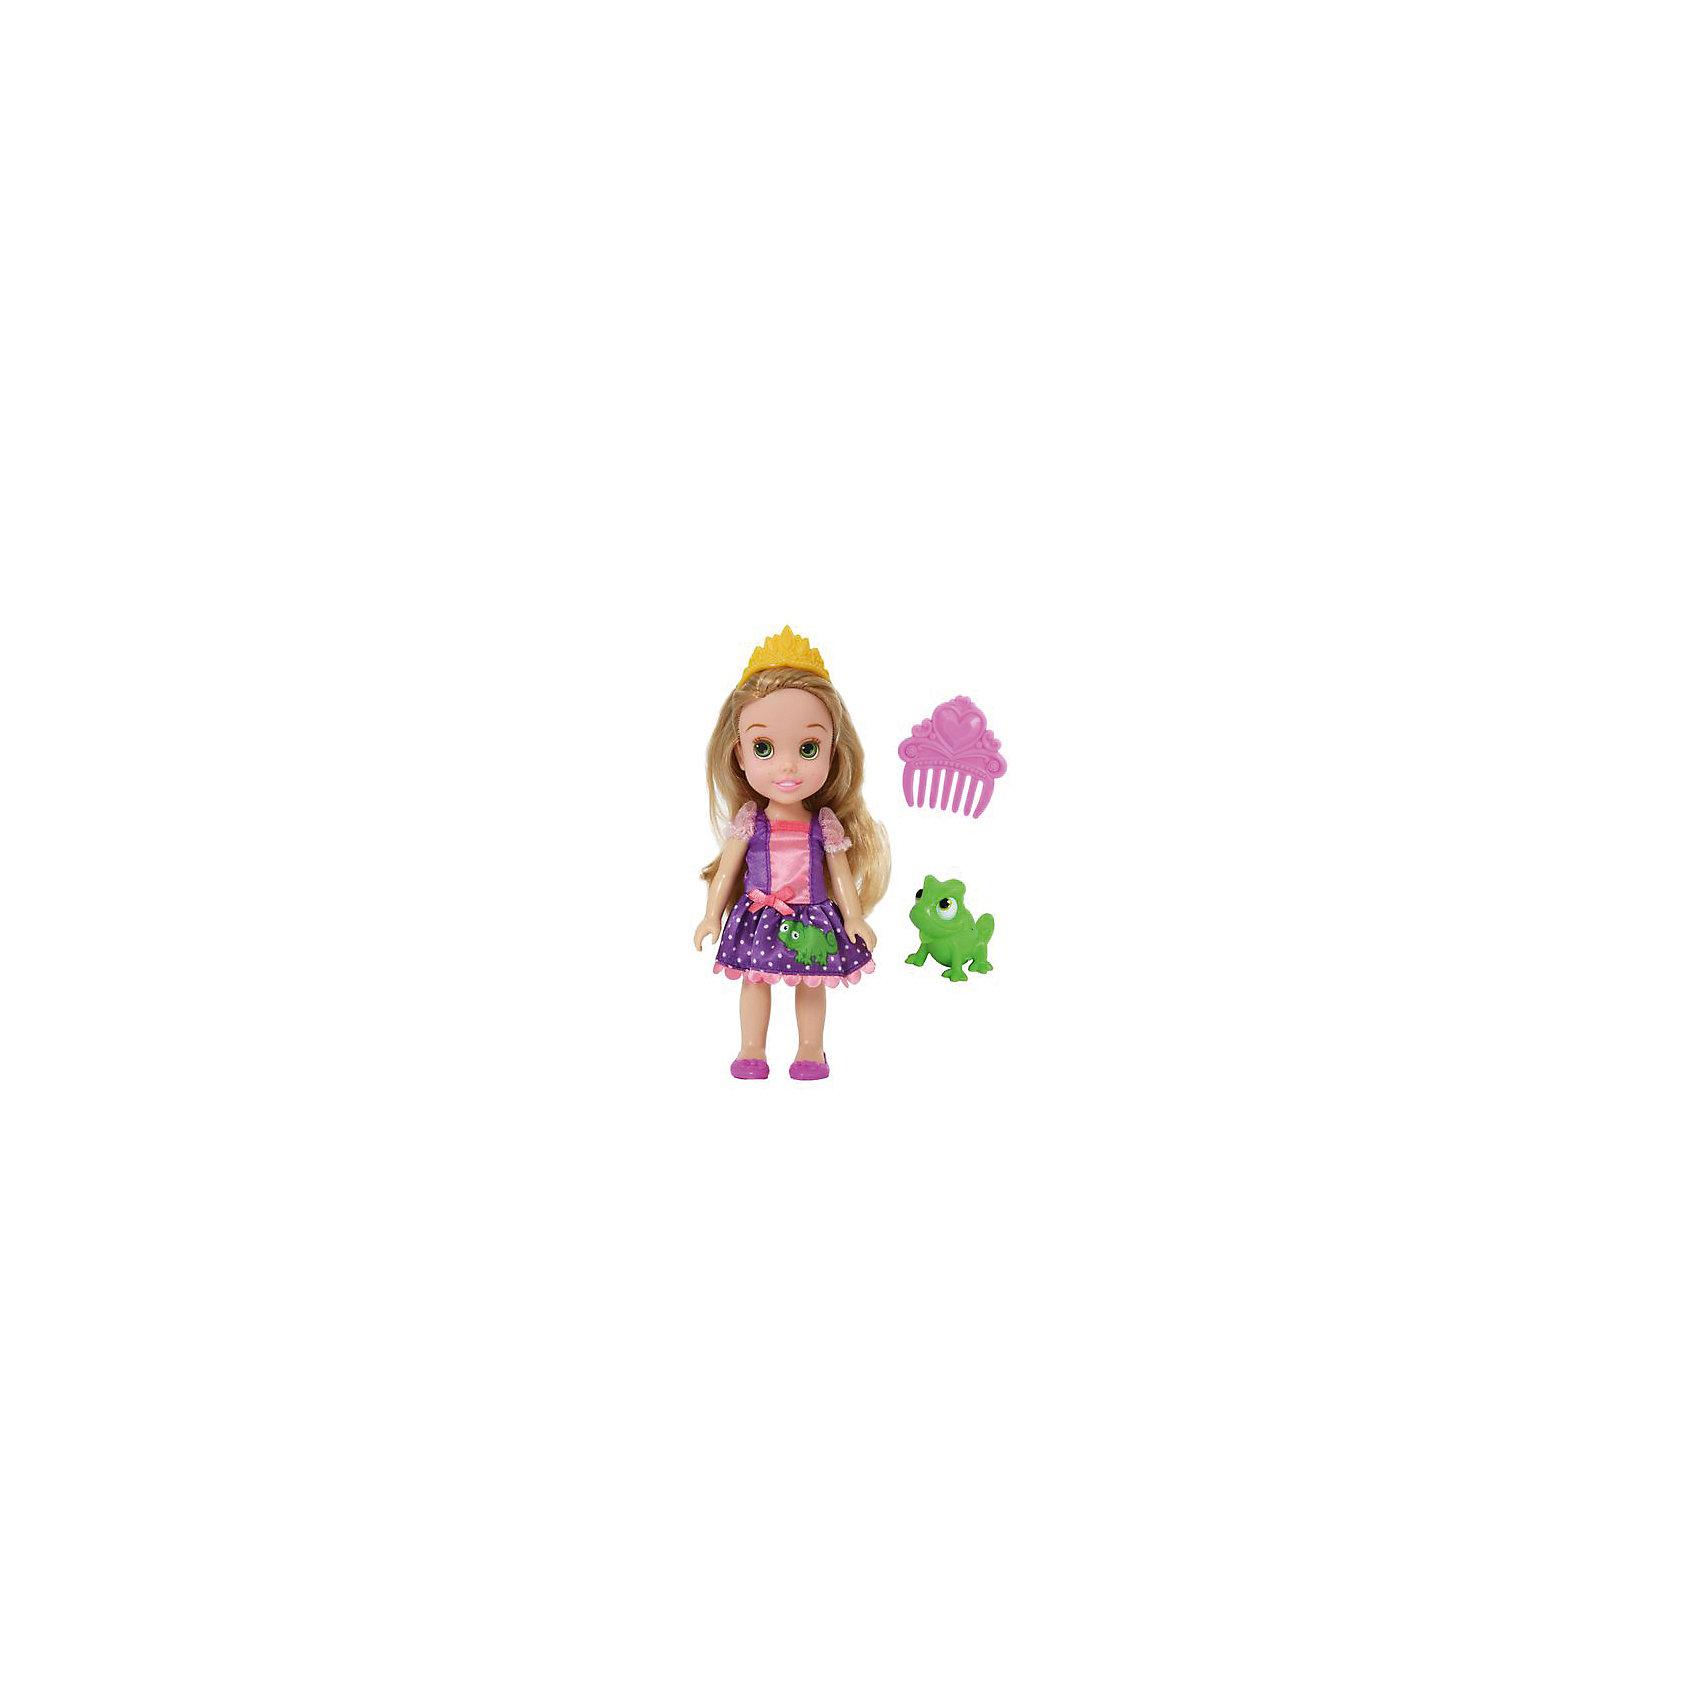 Кукла  Малышка с питомцем: Рапунцель, 15 см, Disney PrincessИгрушки<br>Кукла  Малышка с питомцем: Рапунцель, 15 см, Disney Princess – эта маленькая принцесса станет отличным подарком для девочки!<br>Кукла Disney Малышка с питомцем: Рапунцель непременно приведет в восторг вашу дочурку и обязательно станет ее любимой игрушкой. Кукла одета в сиреневое платье с рукавами-фонариками, юбка которого украшена аппликацией в виде лягушонка. На голове Рапунцель тиара. Волосы мягкие на ощупь, их можно заплетать и укладывать в различные прически. Глазки куклы выполнены по особой запатентованной технологии - линзы делают их яркими и живыми. Милую очаровательную малышку с выразительным личиком сопровождает ее любимый питомец, готовый встать на защиту в сложной ситуации. Благодаря играм с куклой, ваша девочка сможет развить фантазию и любознательность, овладеть навыками общения и научиться ответственности.<br><br>Дополнительная информация:<br><br>- В комплекте: кукла, питомец, гребешок<br>- Высота куклы: 15 см.<br>- Материал: пластик, текстиль<br><br>Куклу  Малышка с питомцем: Рапунцель, 15 см, Disney Princess можно купить в нашем интернет-магазине.<br><br>Ширина мм: 140<br>Глубина мм: 195<br>Высота мм: 60<br>Вес г: 201<br>Возраст от месяцев: 36<br>Возраст до месяцев: 84<br>Пол: Женский<br>Возраст: Детский<br>SKU: 4401532